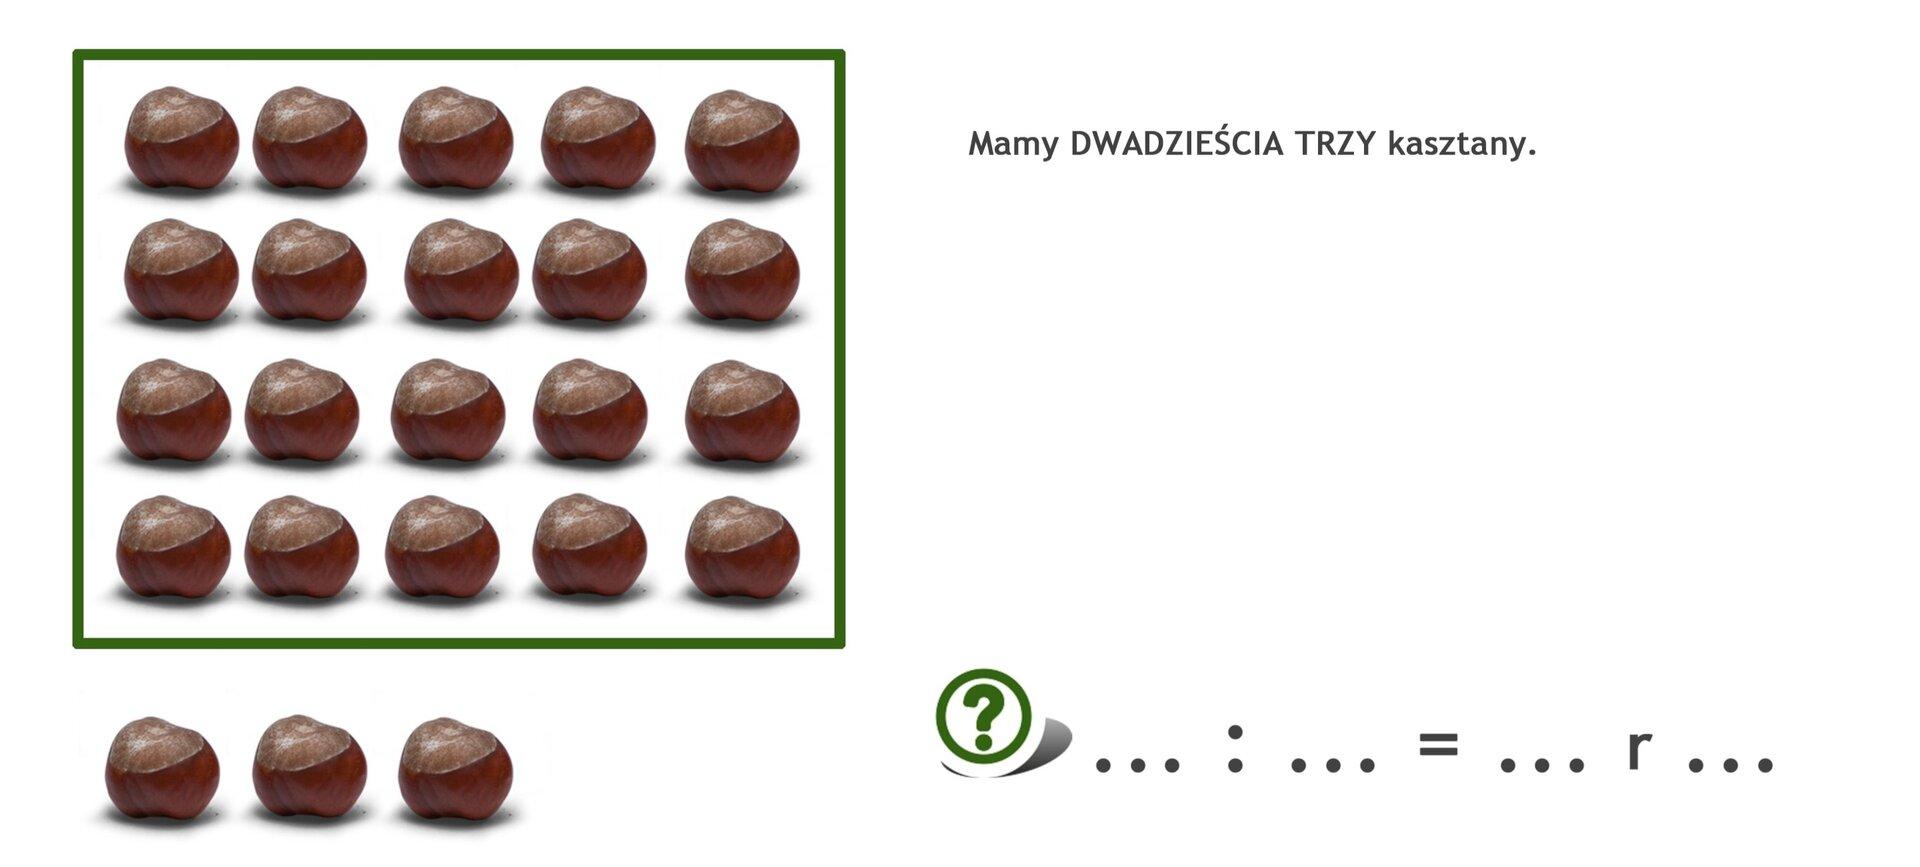 Na rysunku 23 kasztany. Podzielono je na 4 rzędy po pięć kasztanów wkażdym. Zostały 3 kasztany.